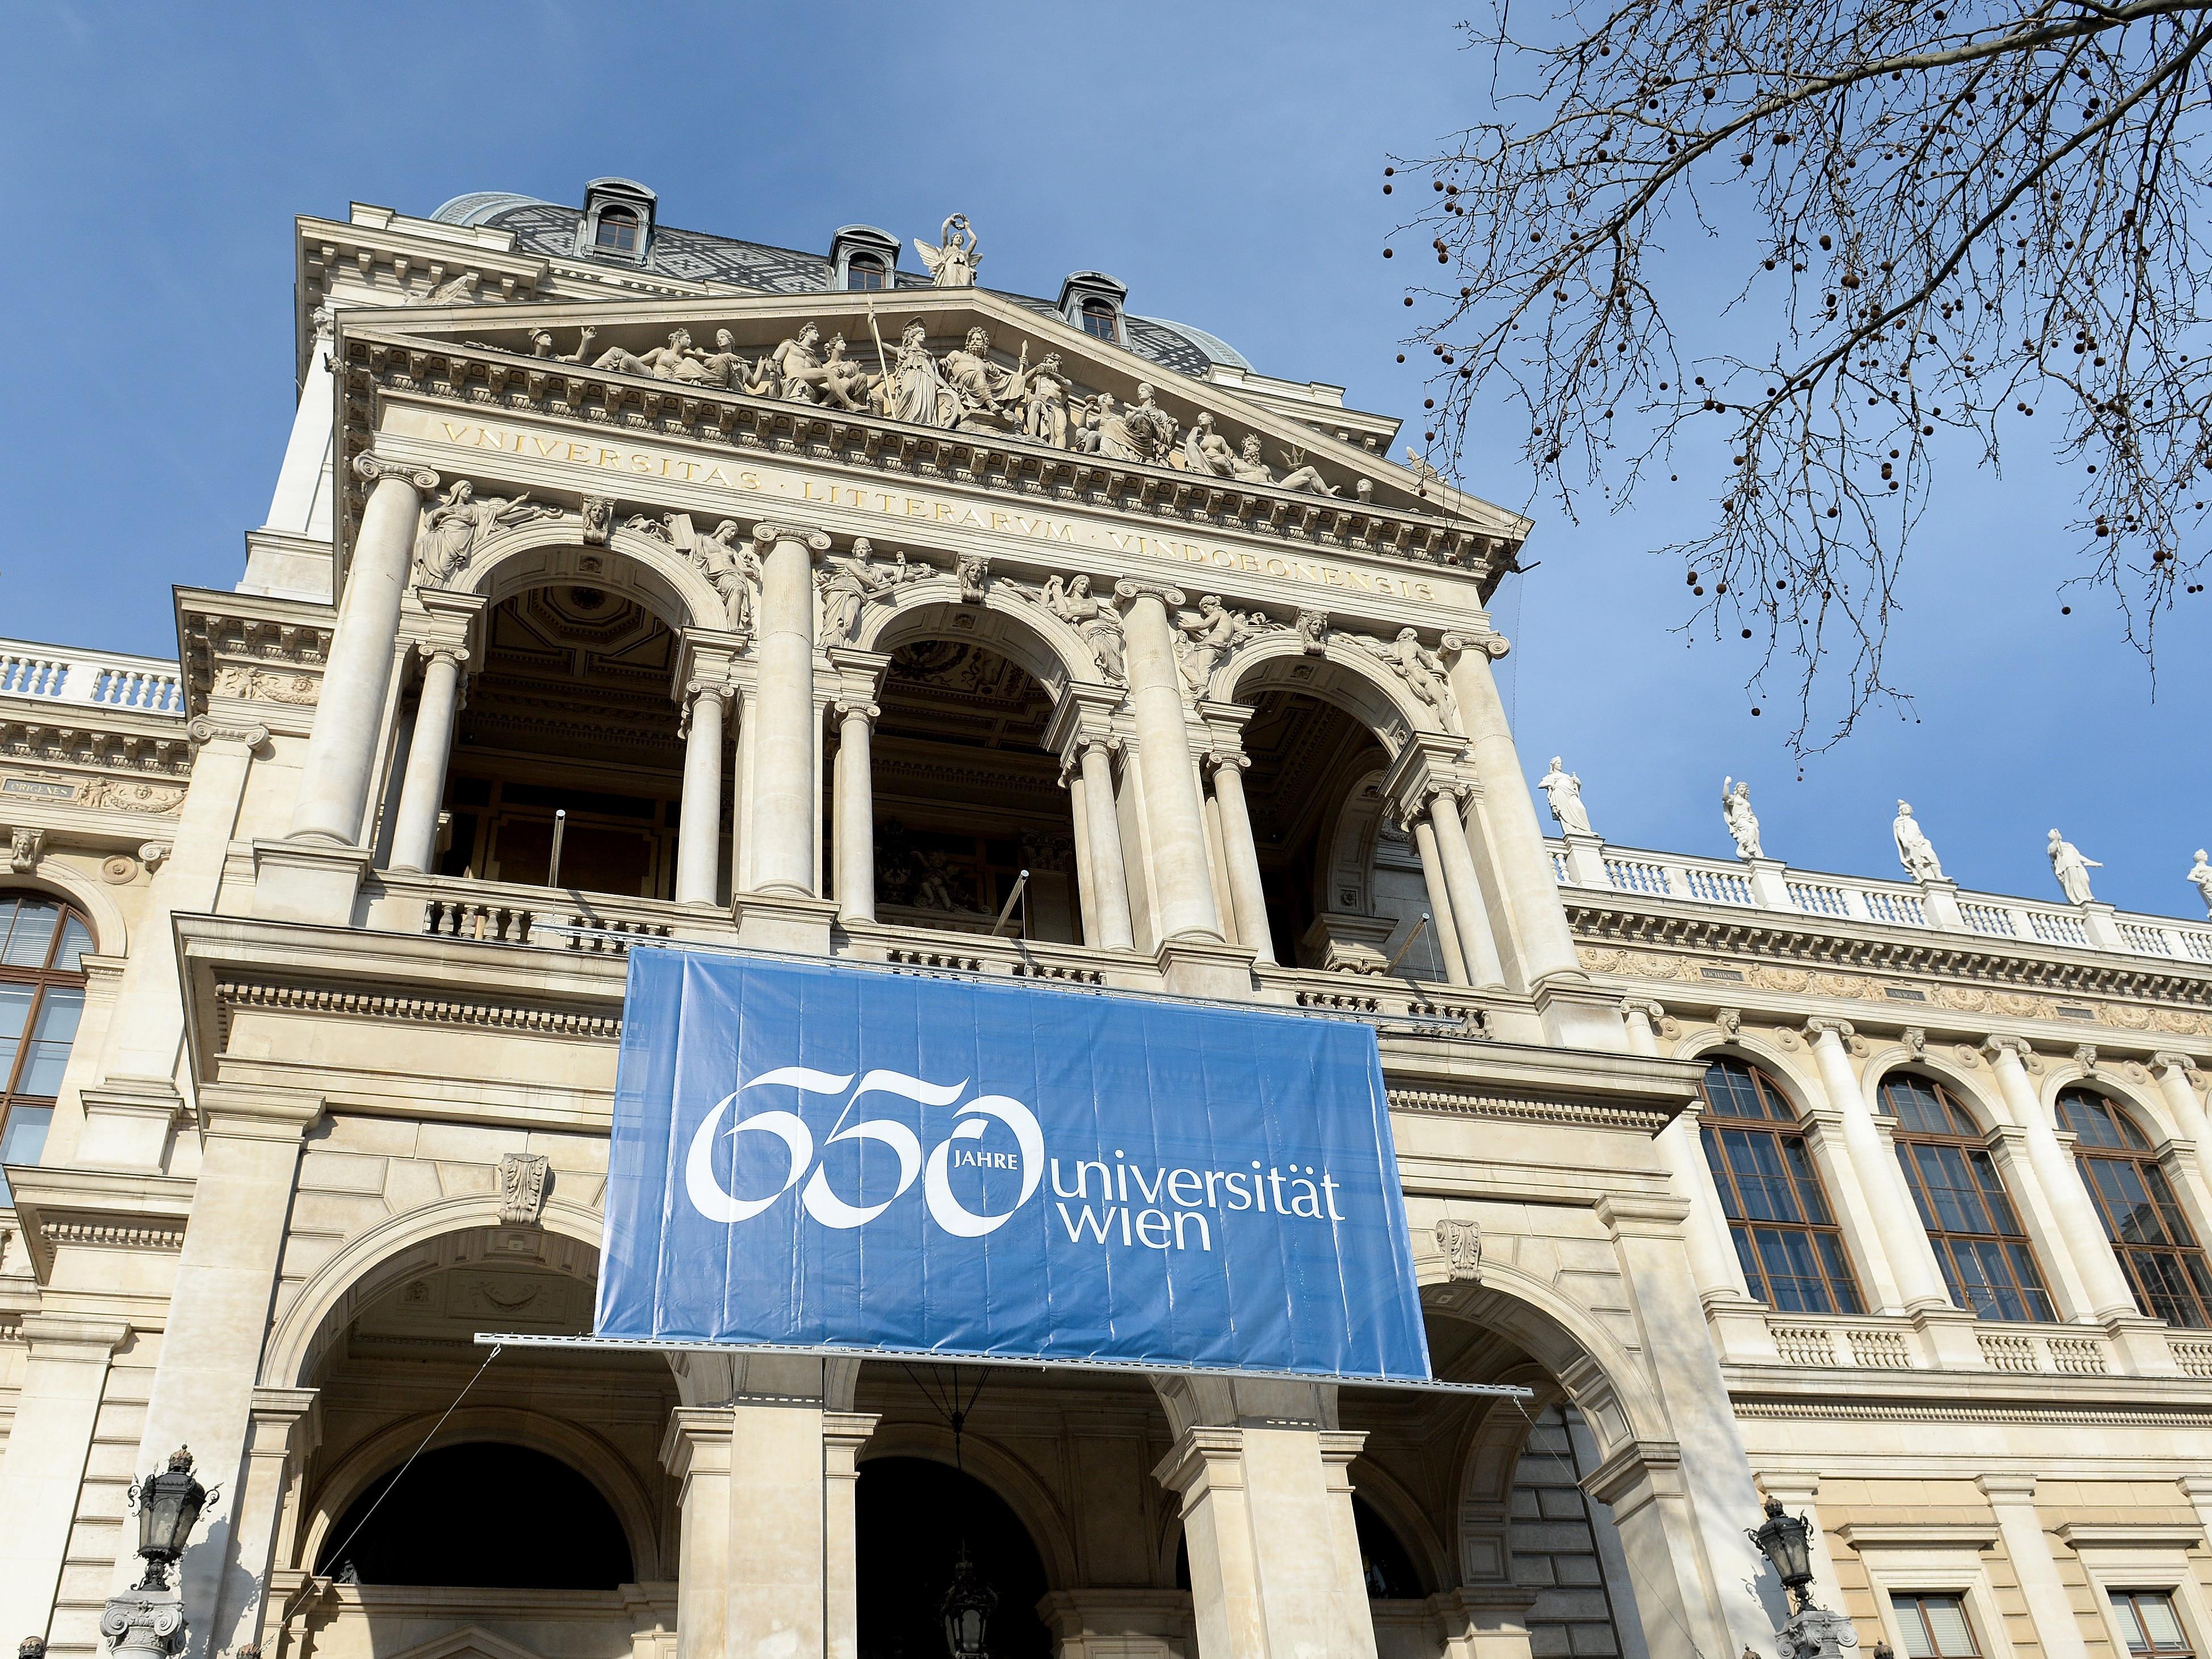 Die Universität Wien ist die beste Uni in Österreich.